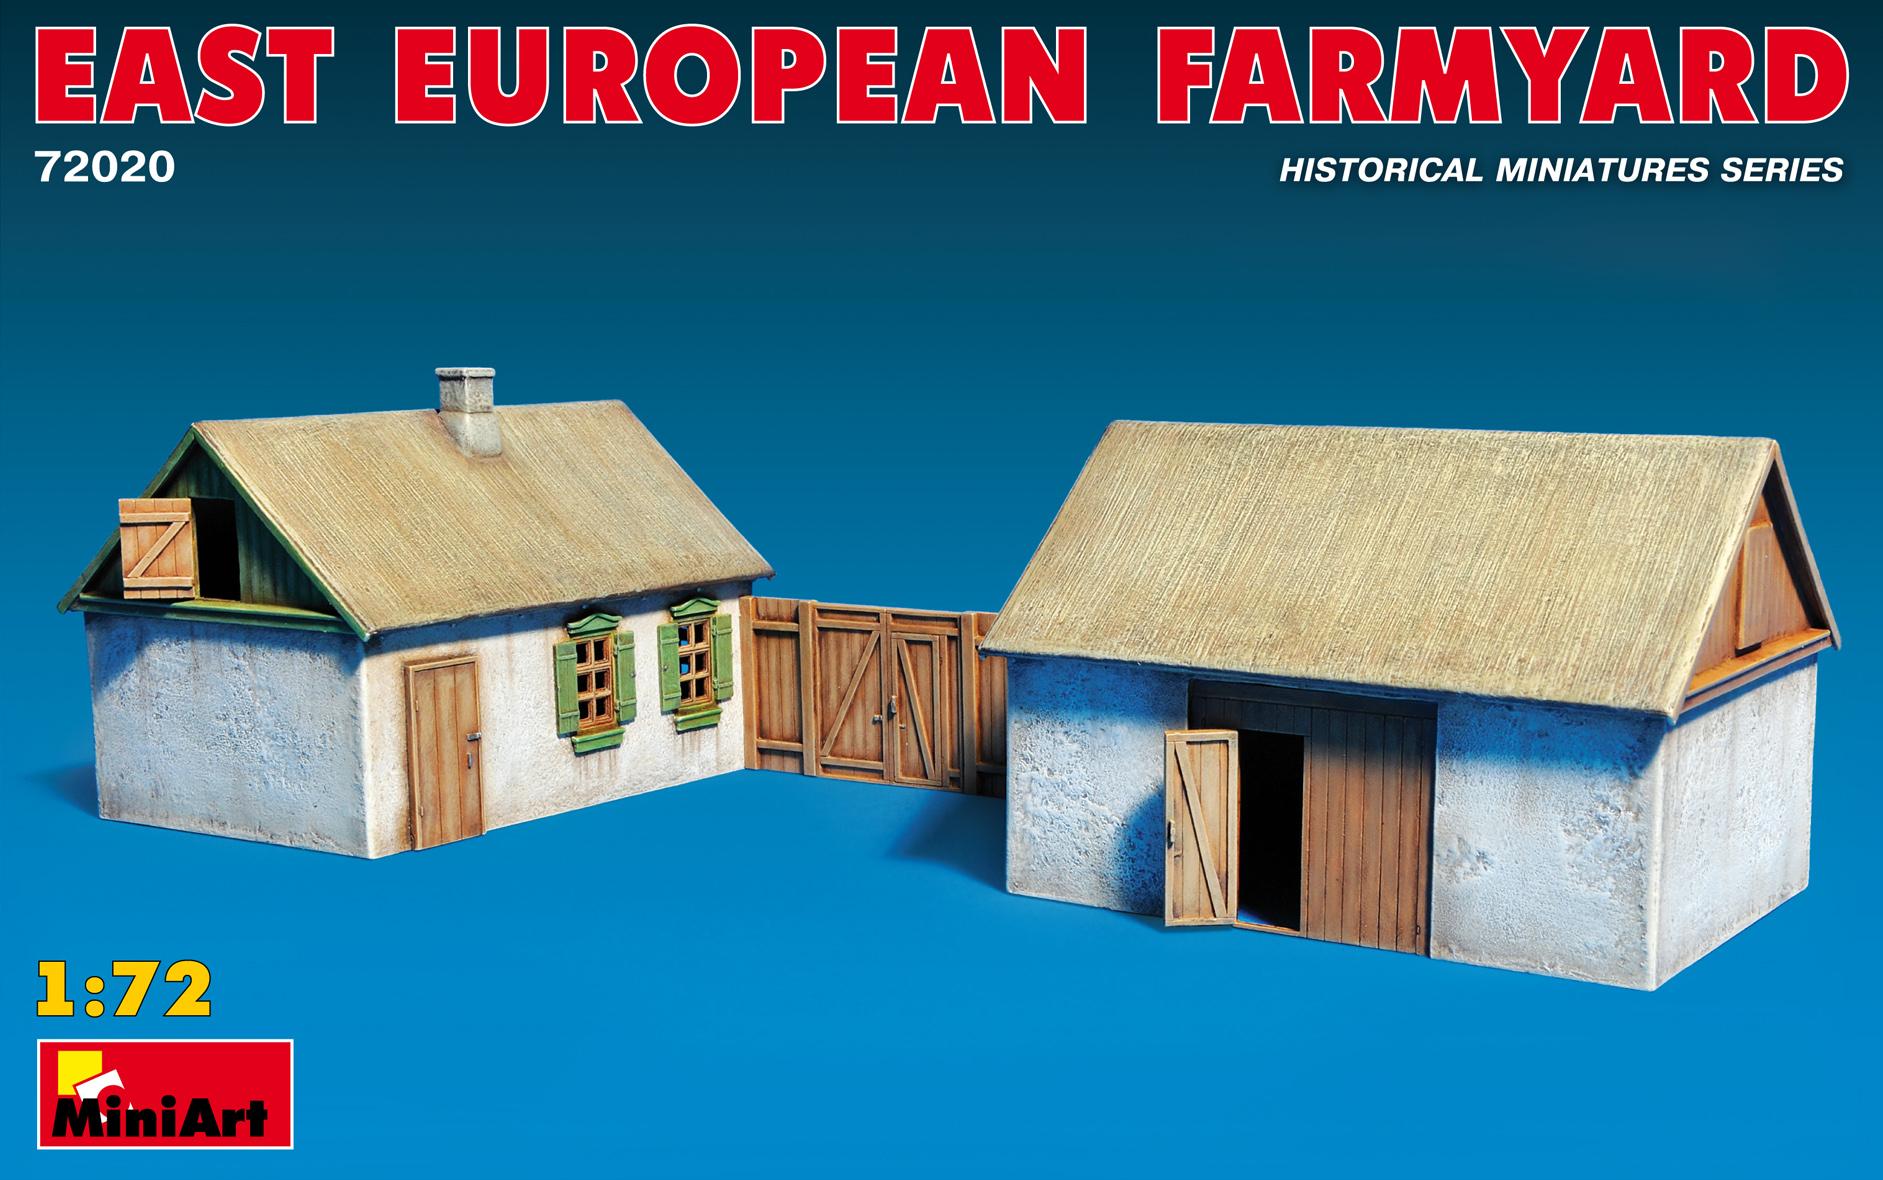 72020 EAST EUROPEAN FARMYARD